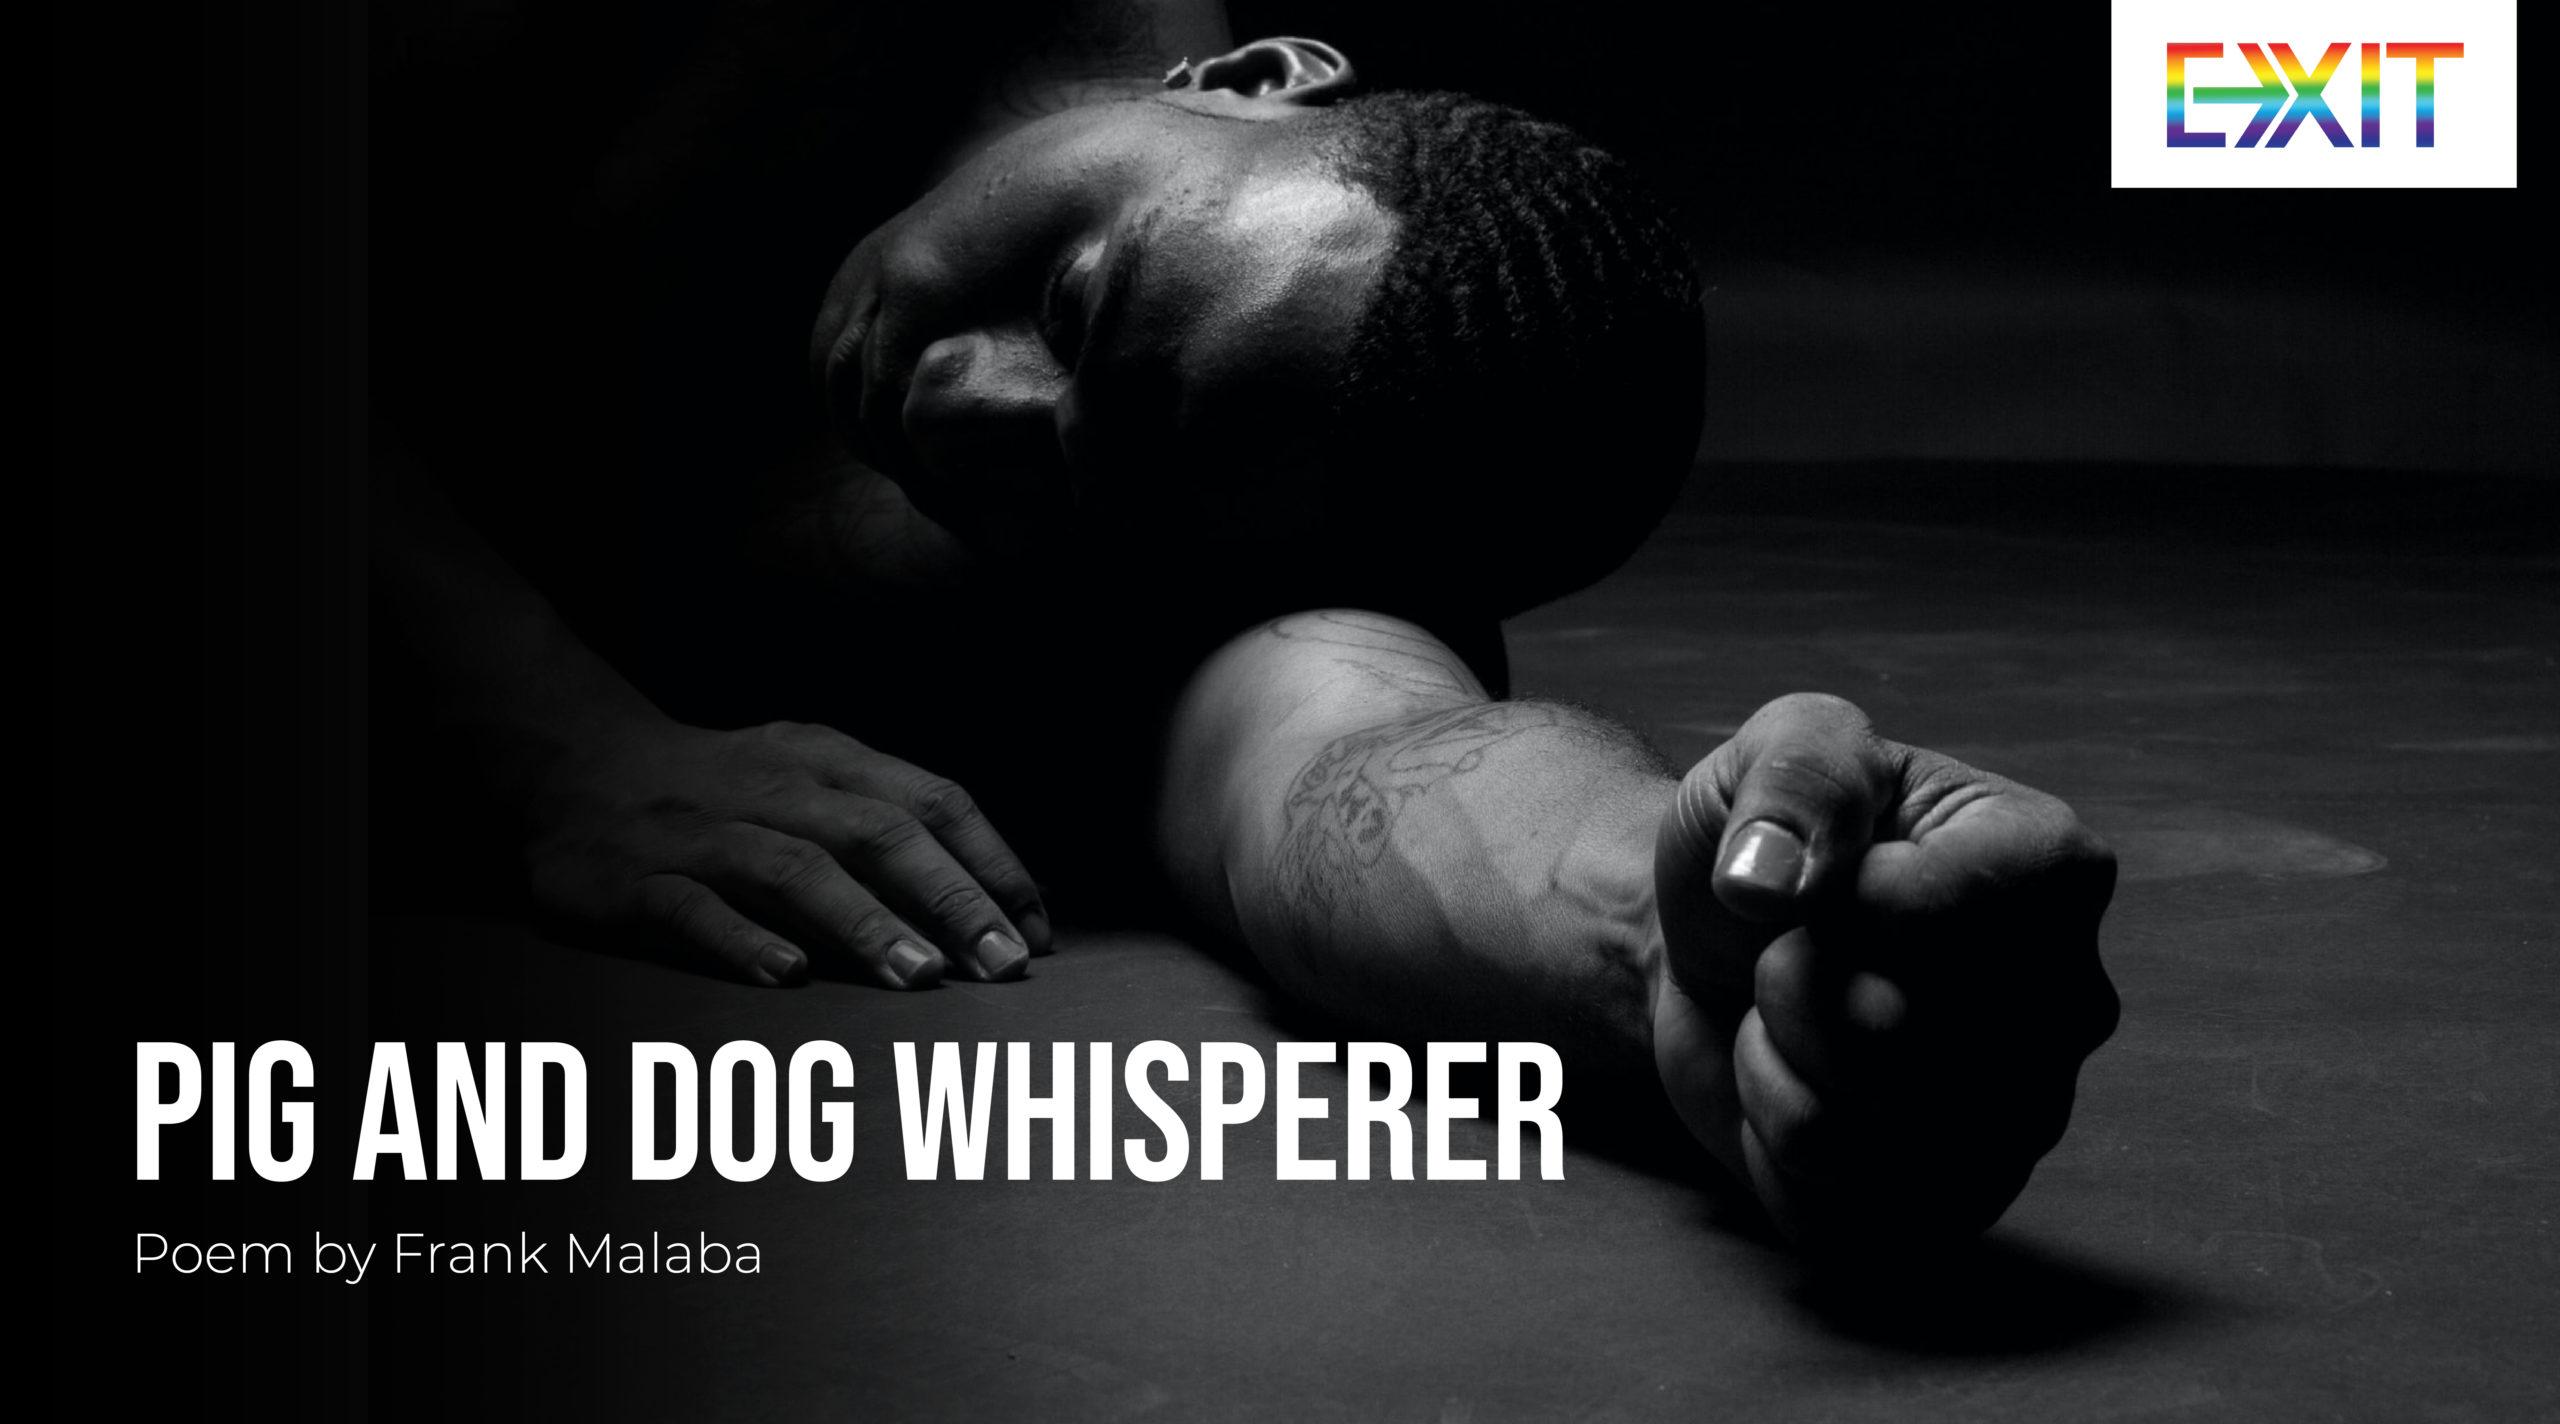 PIG AND DOG WHISPERER